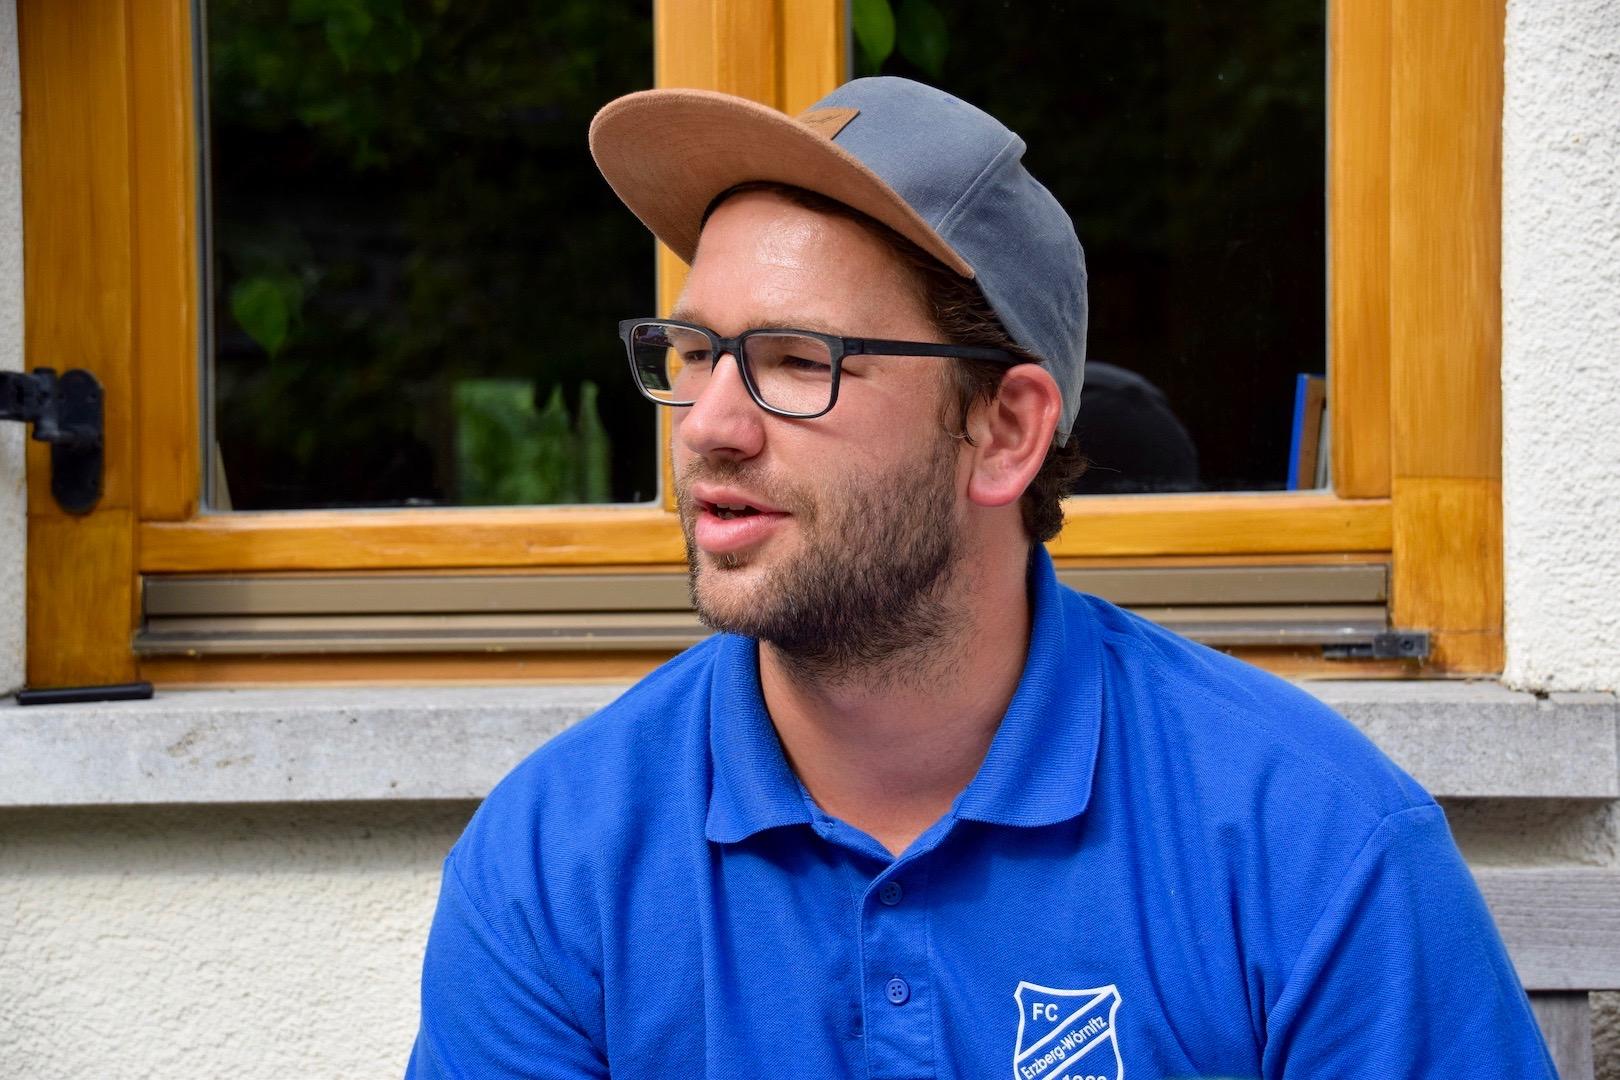 Gesellige Runde: Der nun Ex-Trainer des FC Erzberg-Wörnitz lud die Presseabteilung zu sich nach Hause für ein ausgiebiges Interview ein. Wir präsentieren euch heute den ersten Teil des Interviews. Am Sonntag folgt Teil 2.